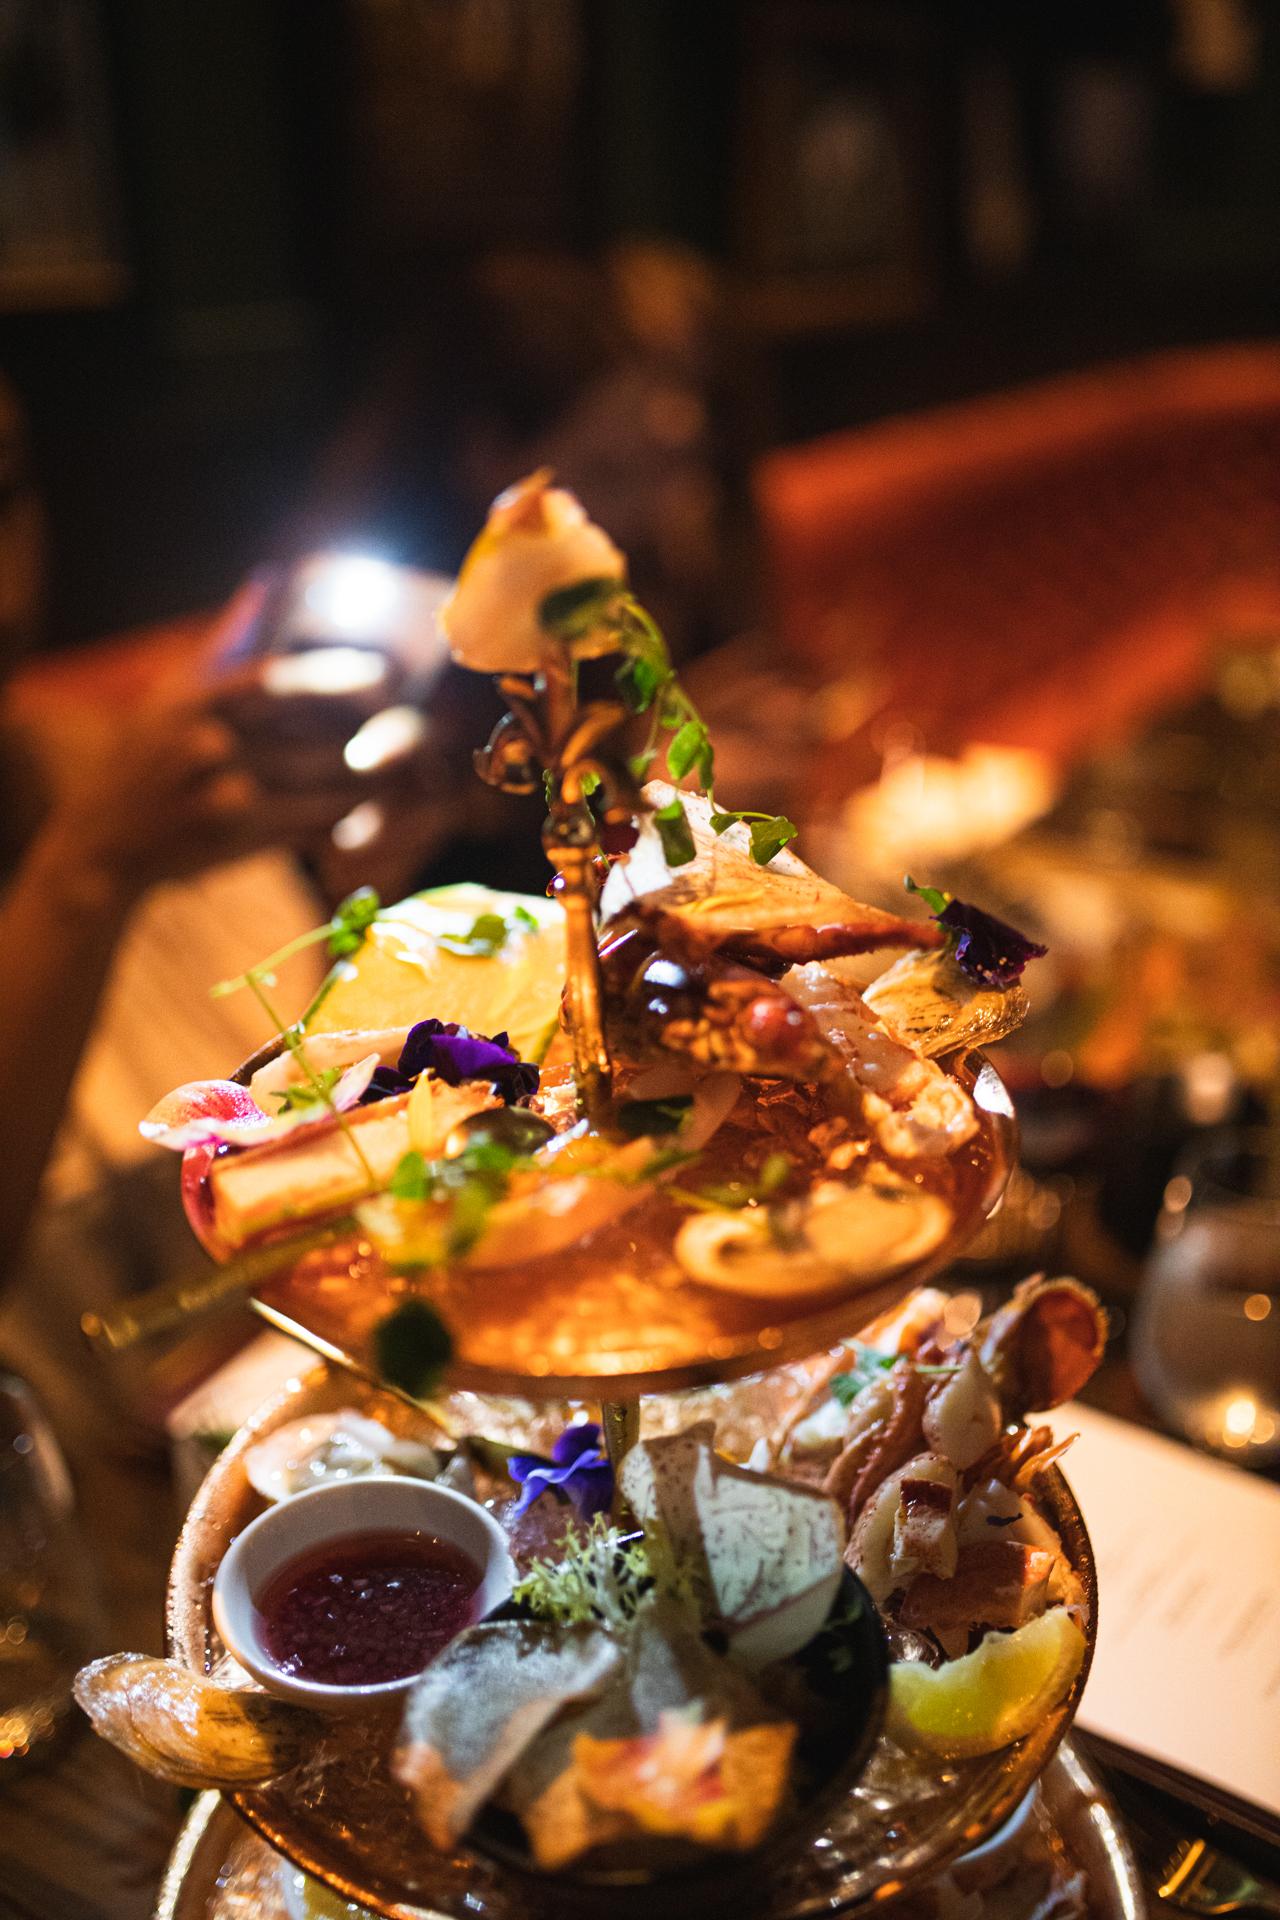 yeg edmonton hotel marriott food review downtown